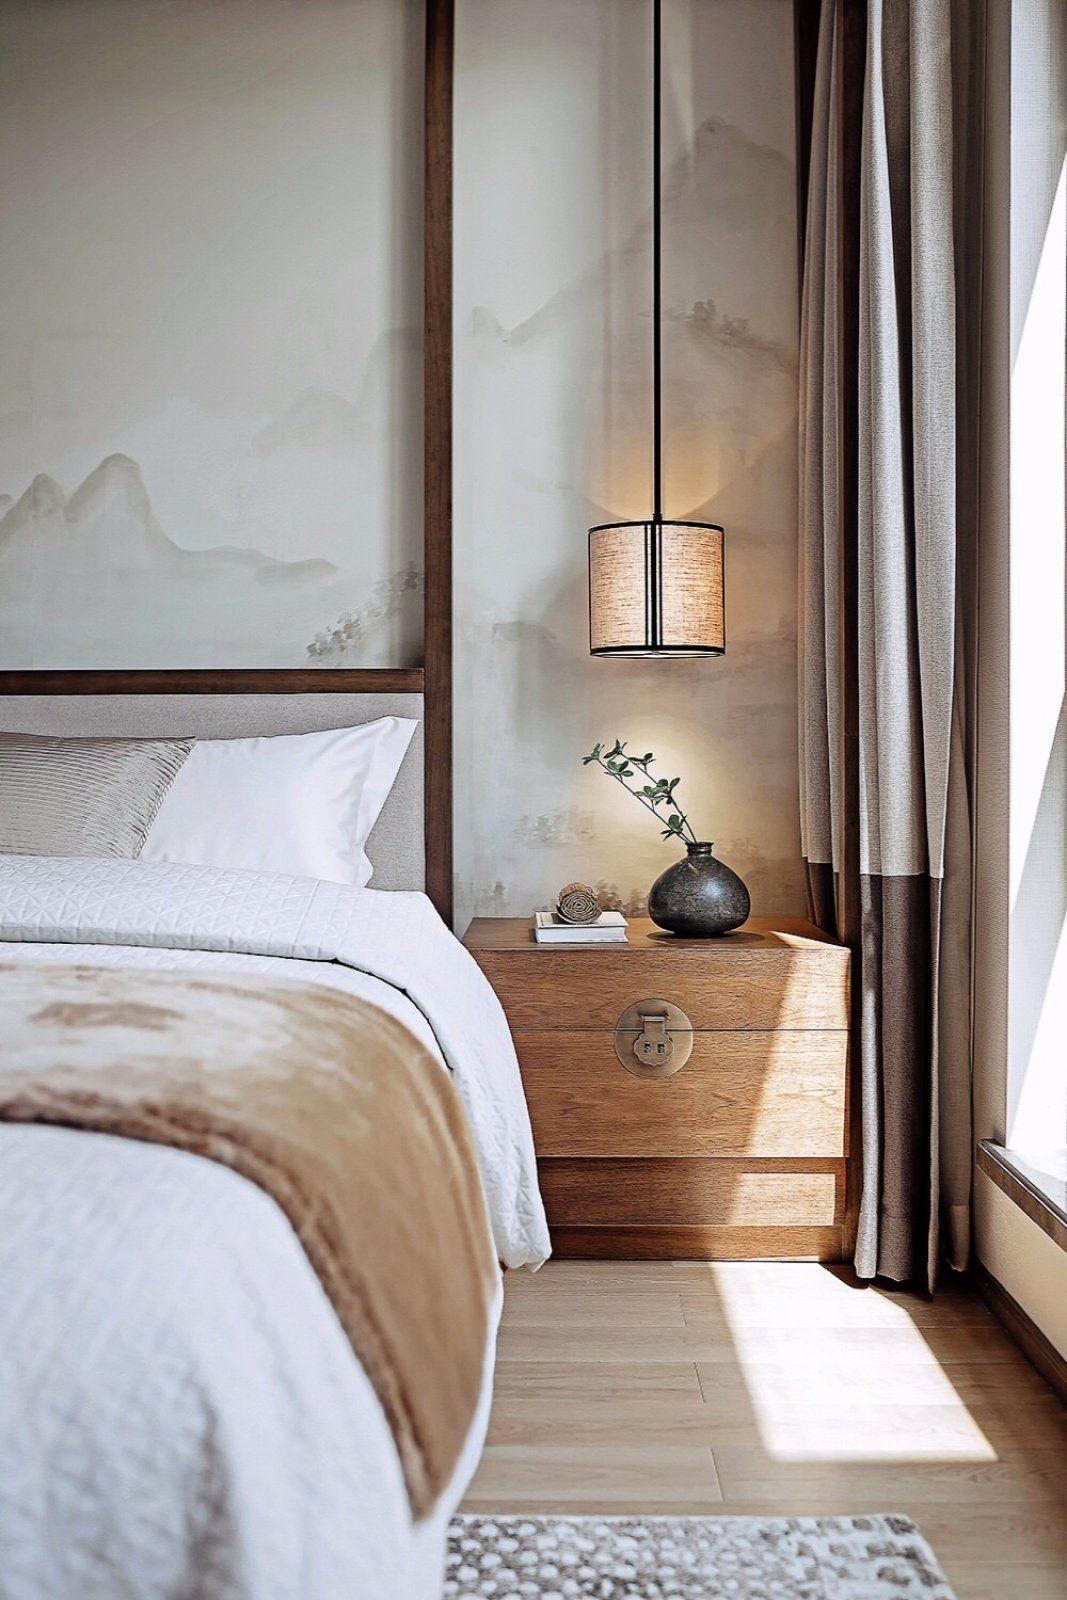 19 mẫu phòng ngủ hài hòa và thư thái theo phong cách Zen - Ảnh 2.